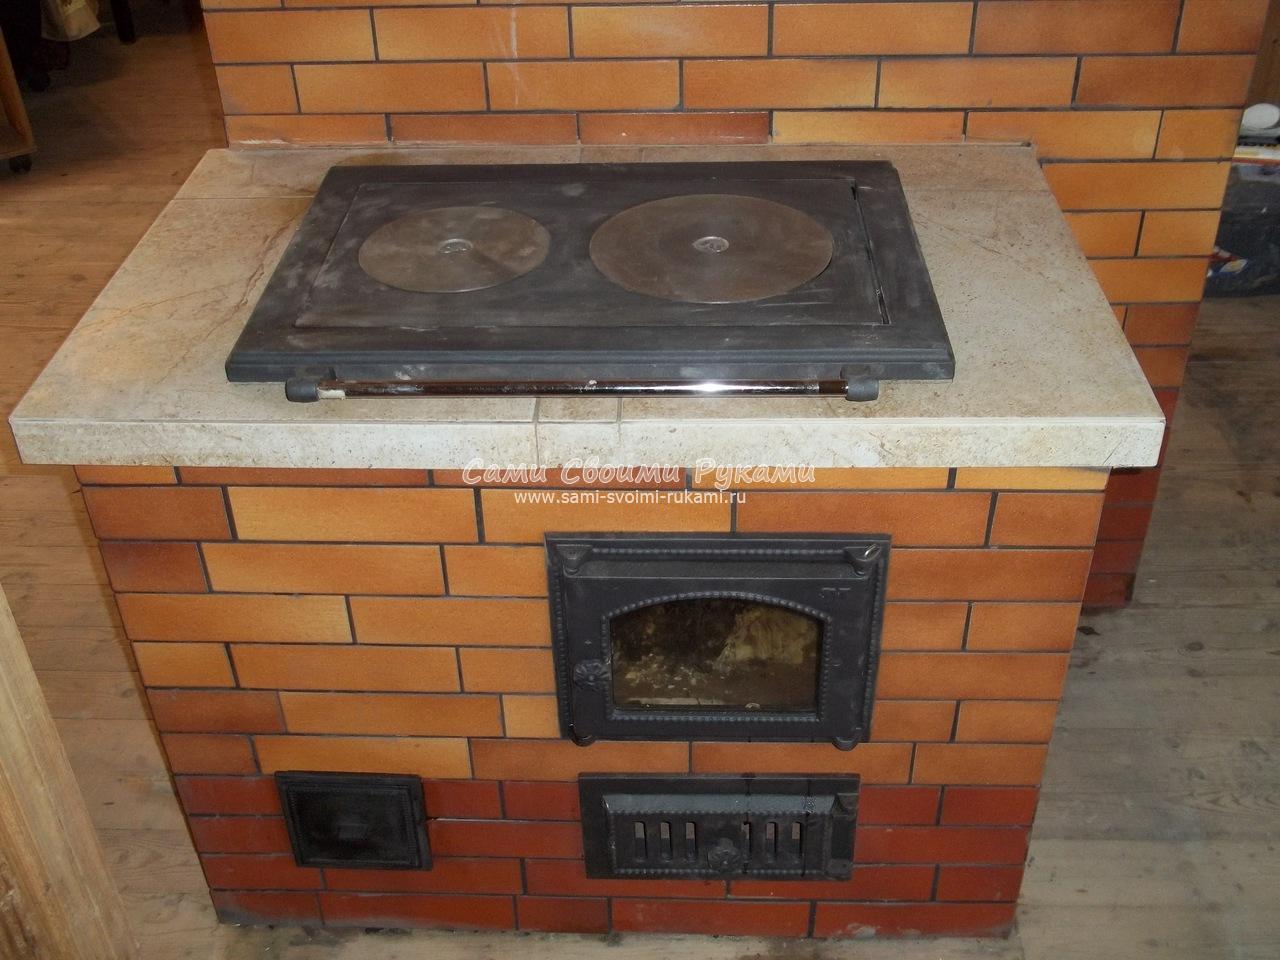 Кухонные плиты из кирпича своими руками